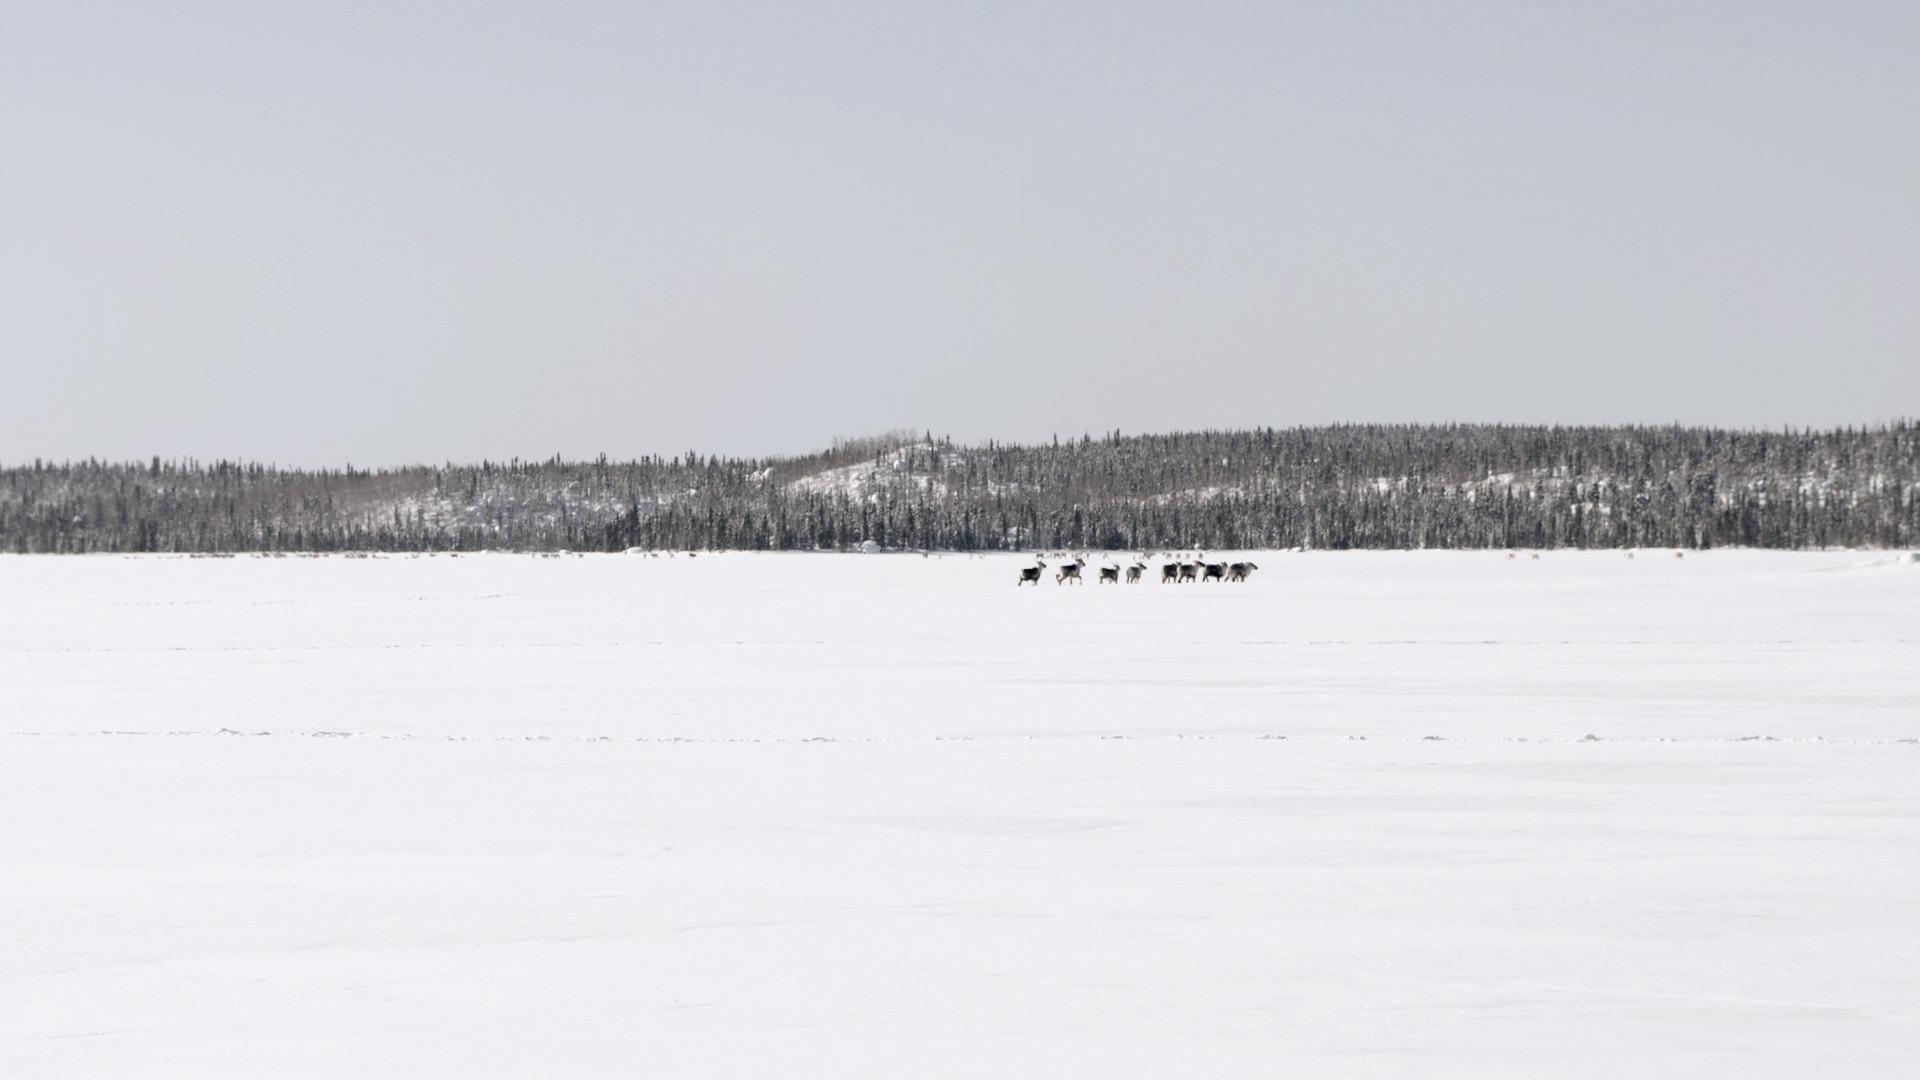 caribou demo screenshot 09.jpg